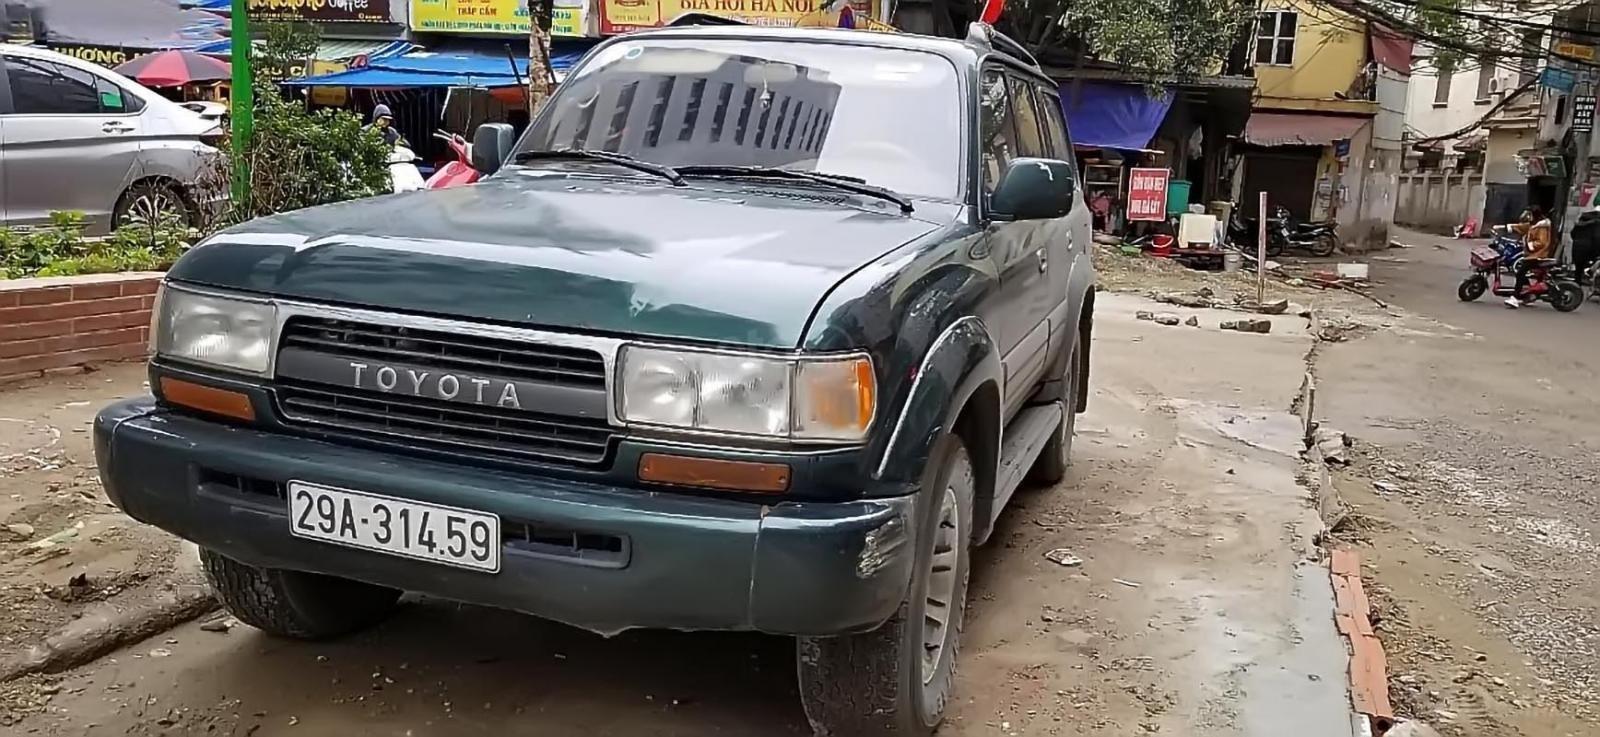 Chính chủ bán Toyota Land Cruiser đời 1996, màu xanh lam, nhập khẩu (1)